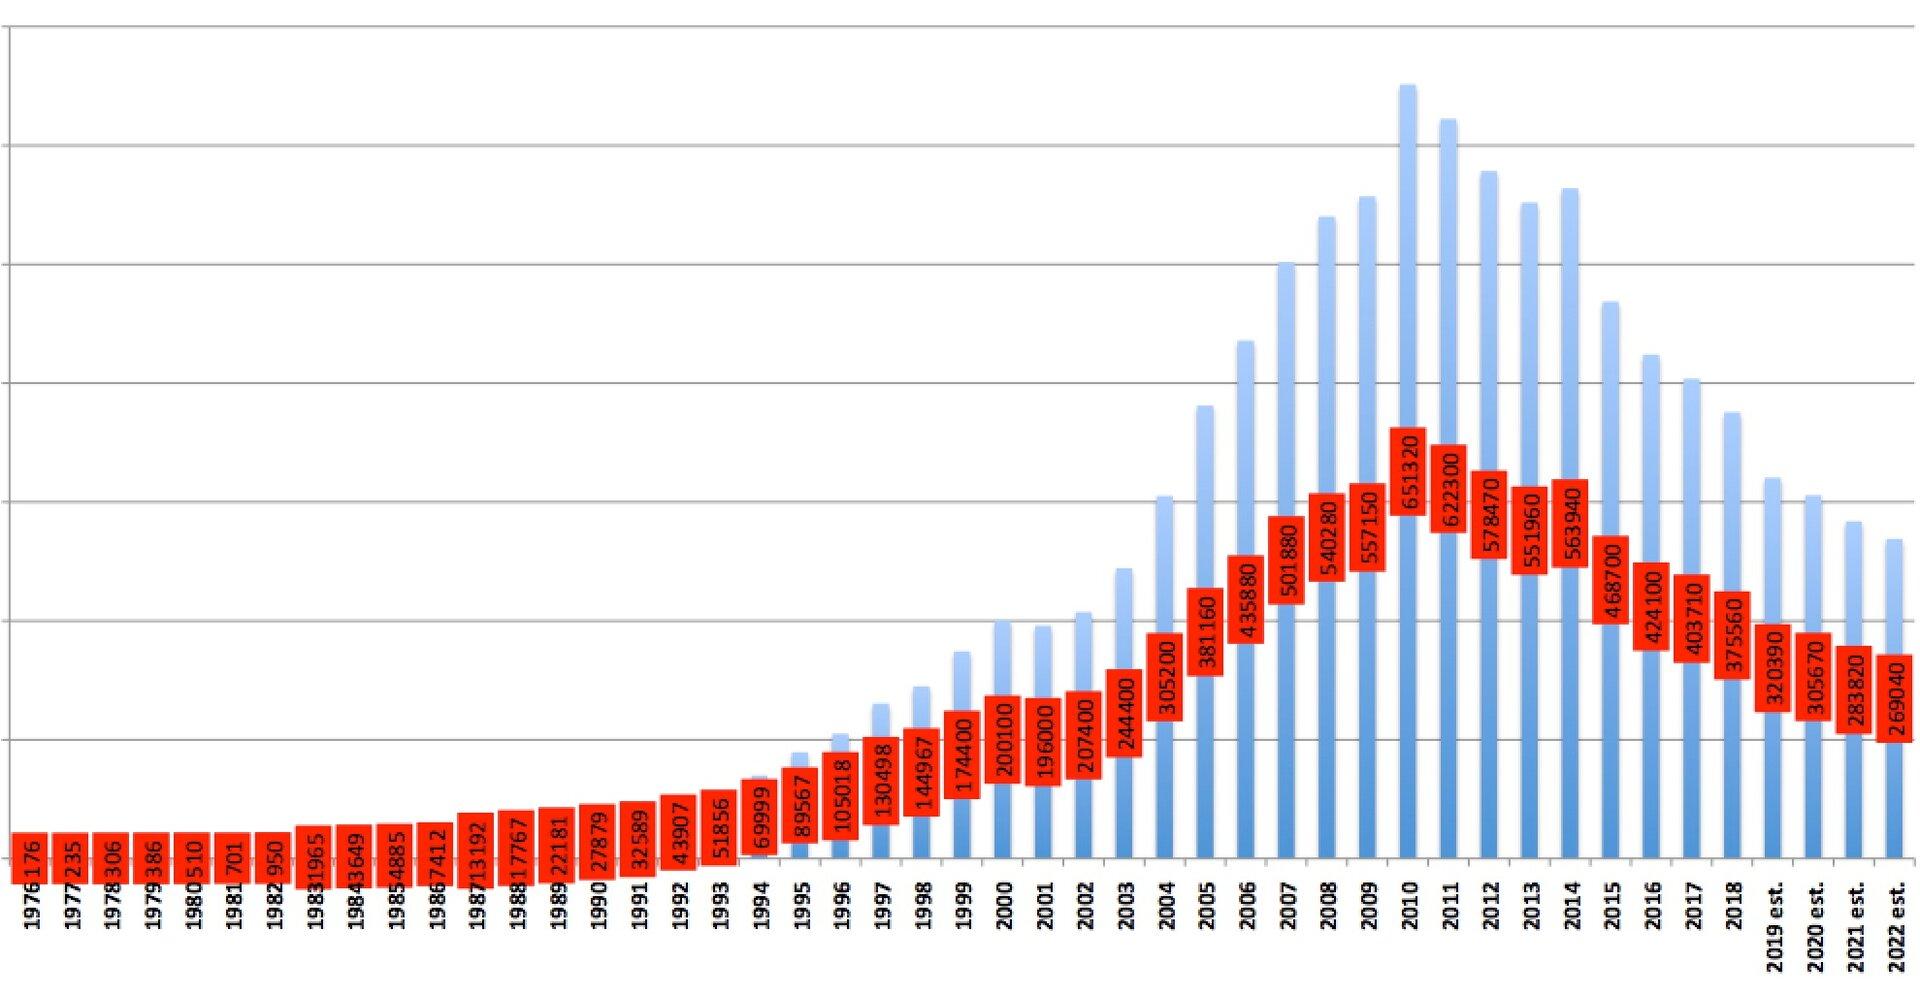 HDD-Verkäufe seit 1976 (Tausend Einheiten)